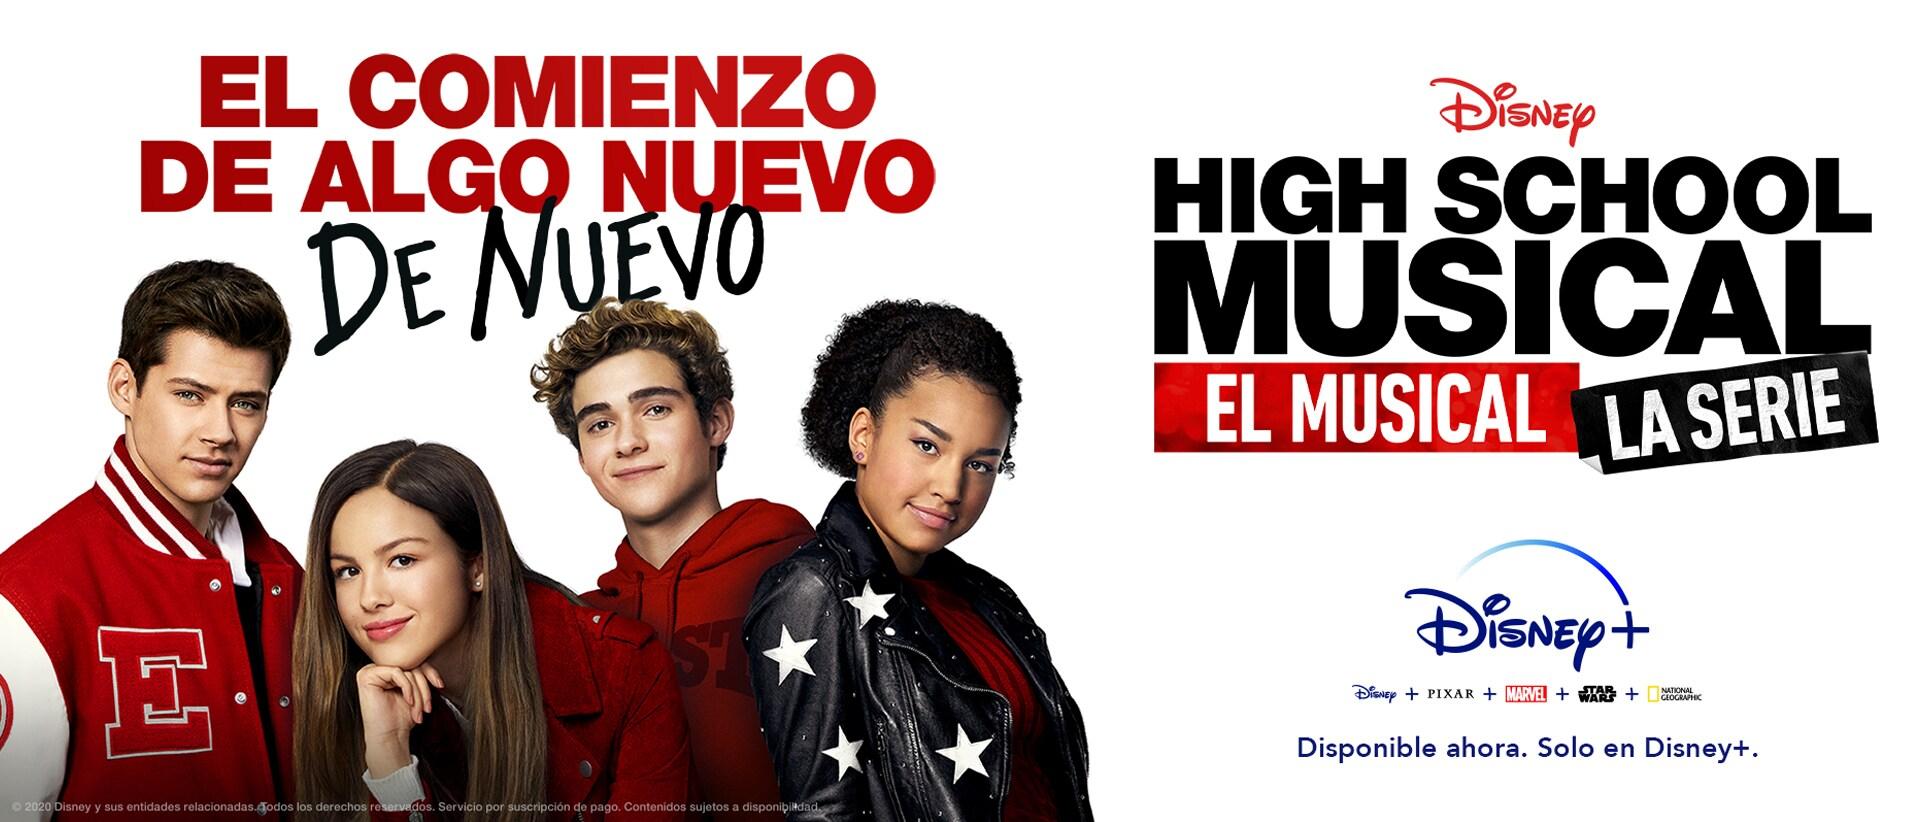 High School Musical: El musical: La serie | Disponible en Disney+ a partir del 17 de noviembre Draft